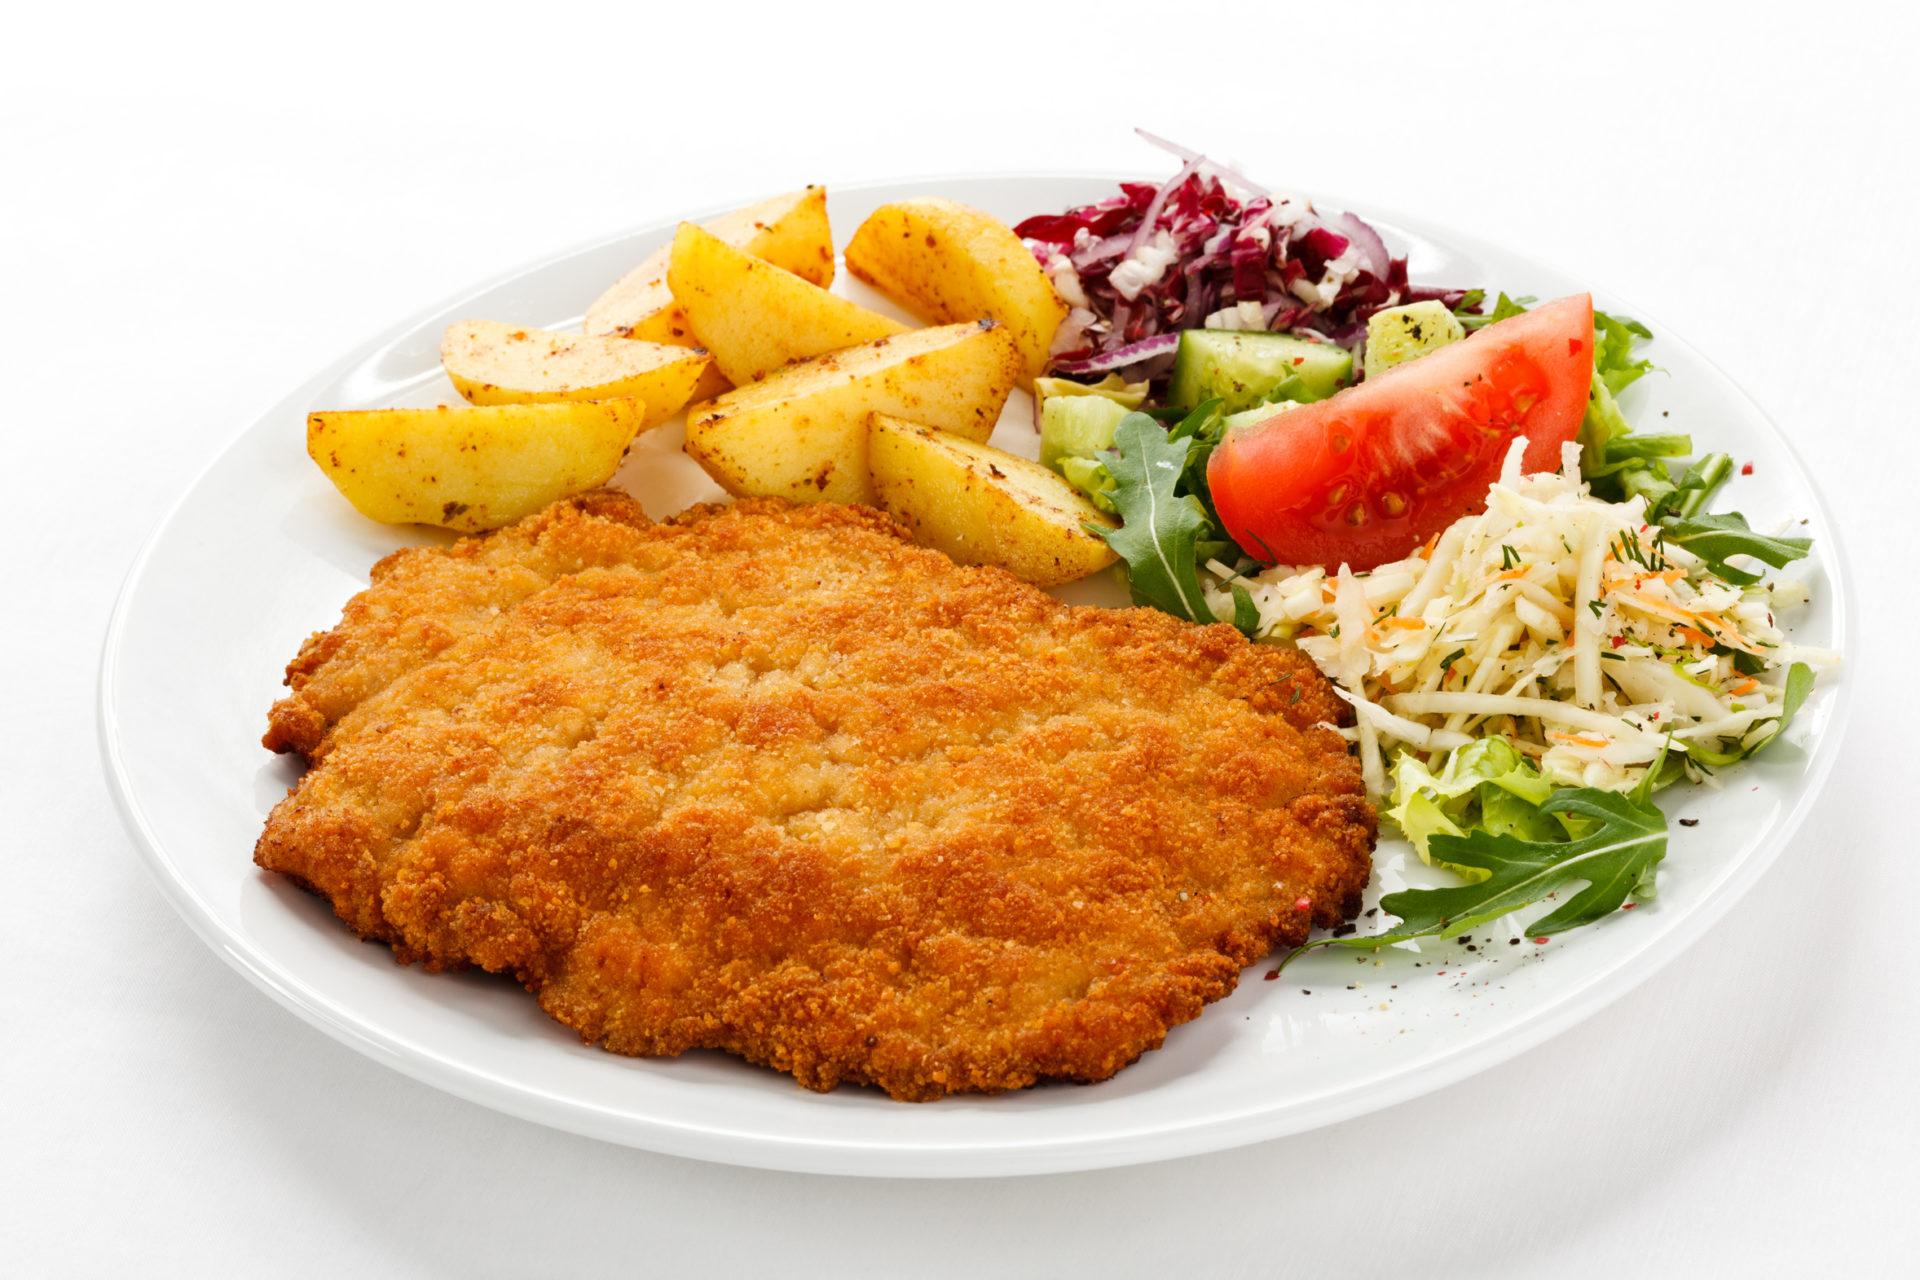 Kotelett, Bratkartoffeln und Gemüse